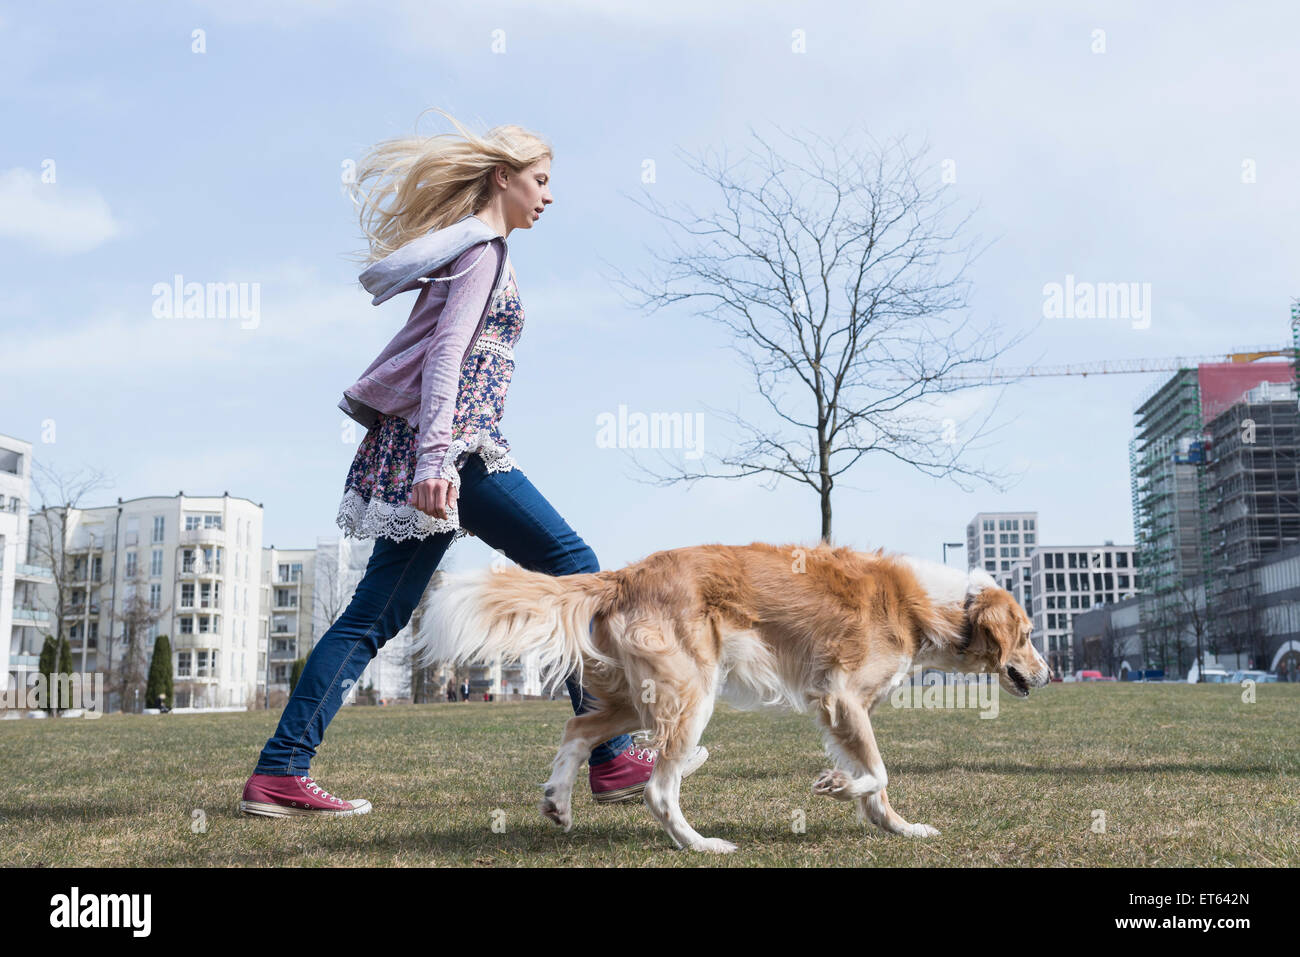 Il profilo laterale della ragazza adolescente passeggiate nel parco con cane, Monaco di Baviera, Germania Immagini Stock